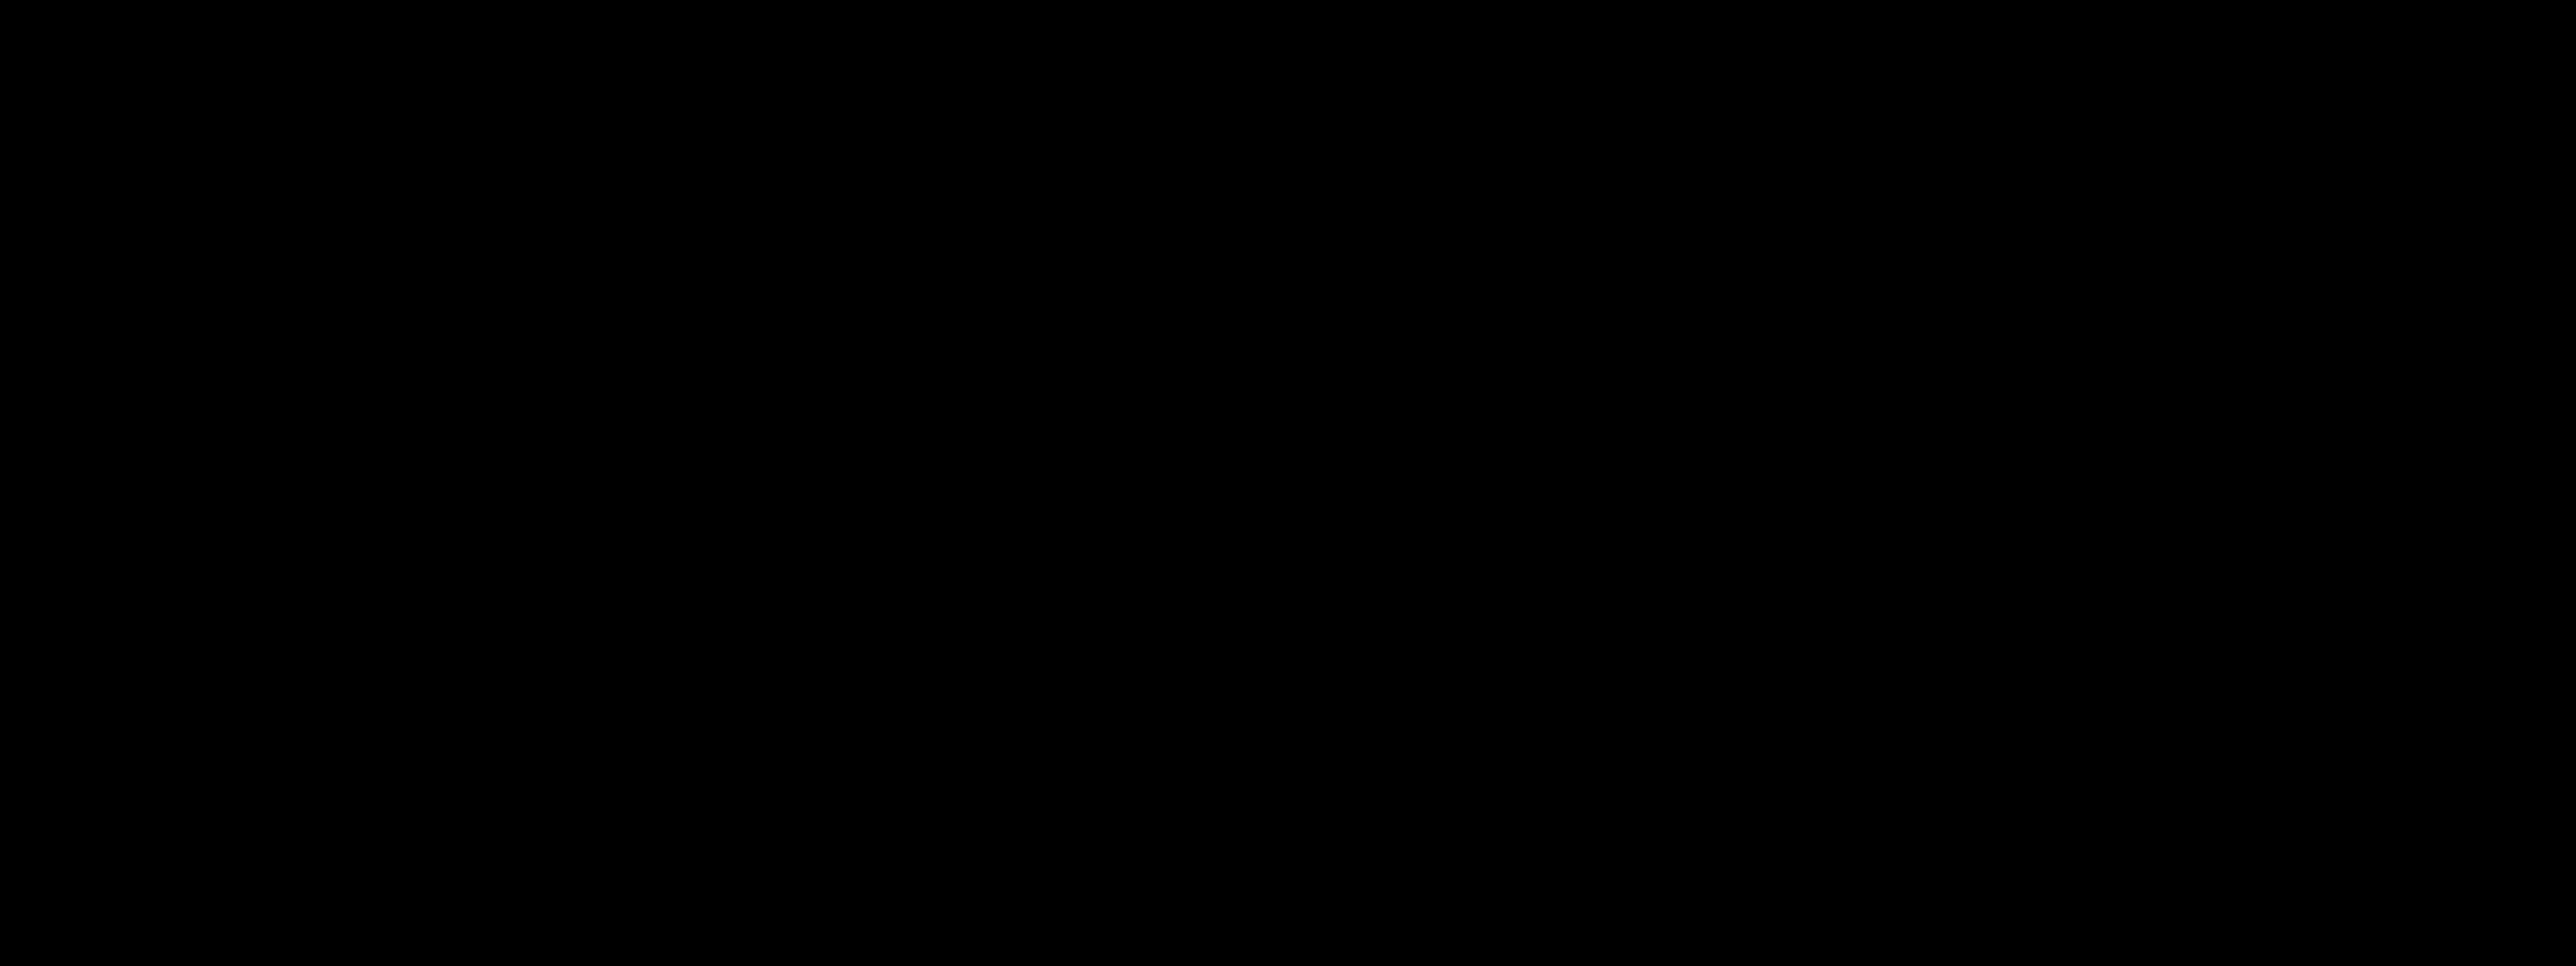 Ollie (skateboarding)